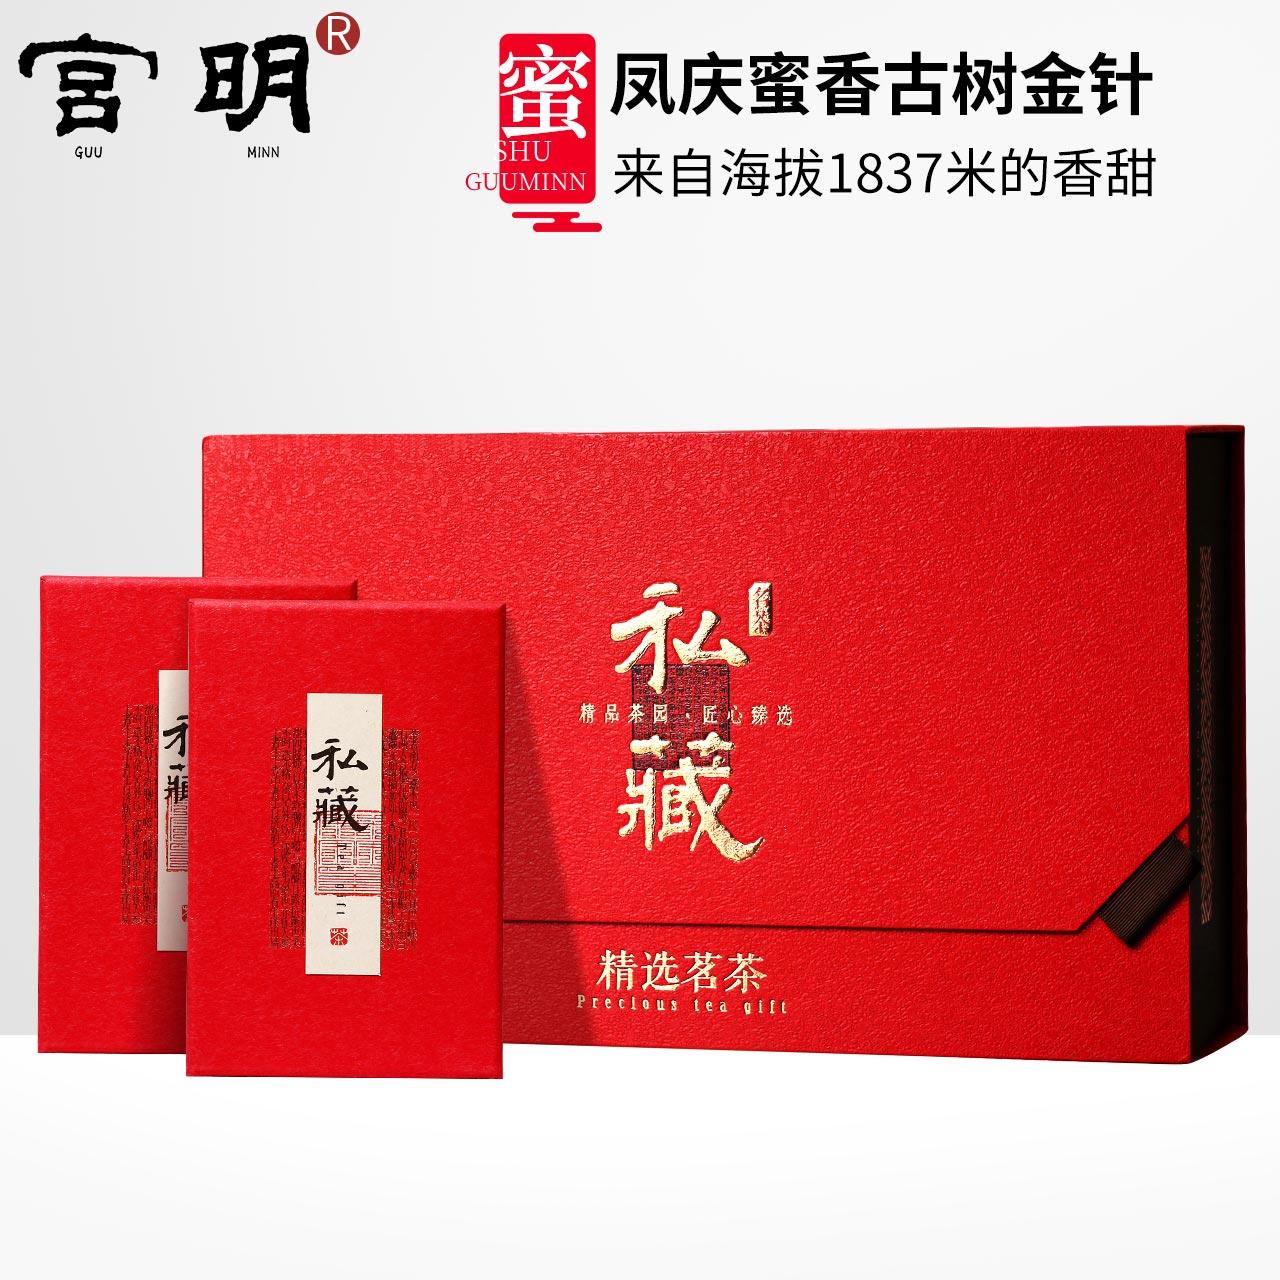 宫明茶叶 蜜香金针滇红茶 凤庆红茶 云南茶礼盒 古树工夫红茶180g